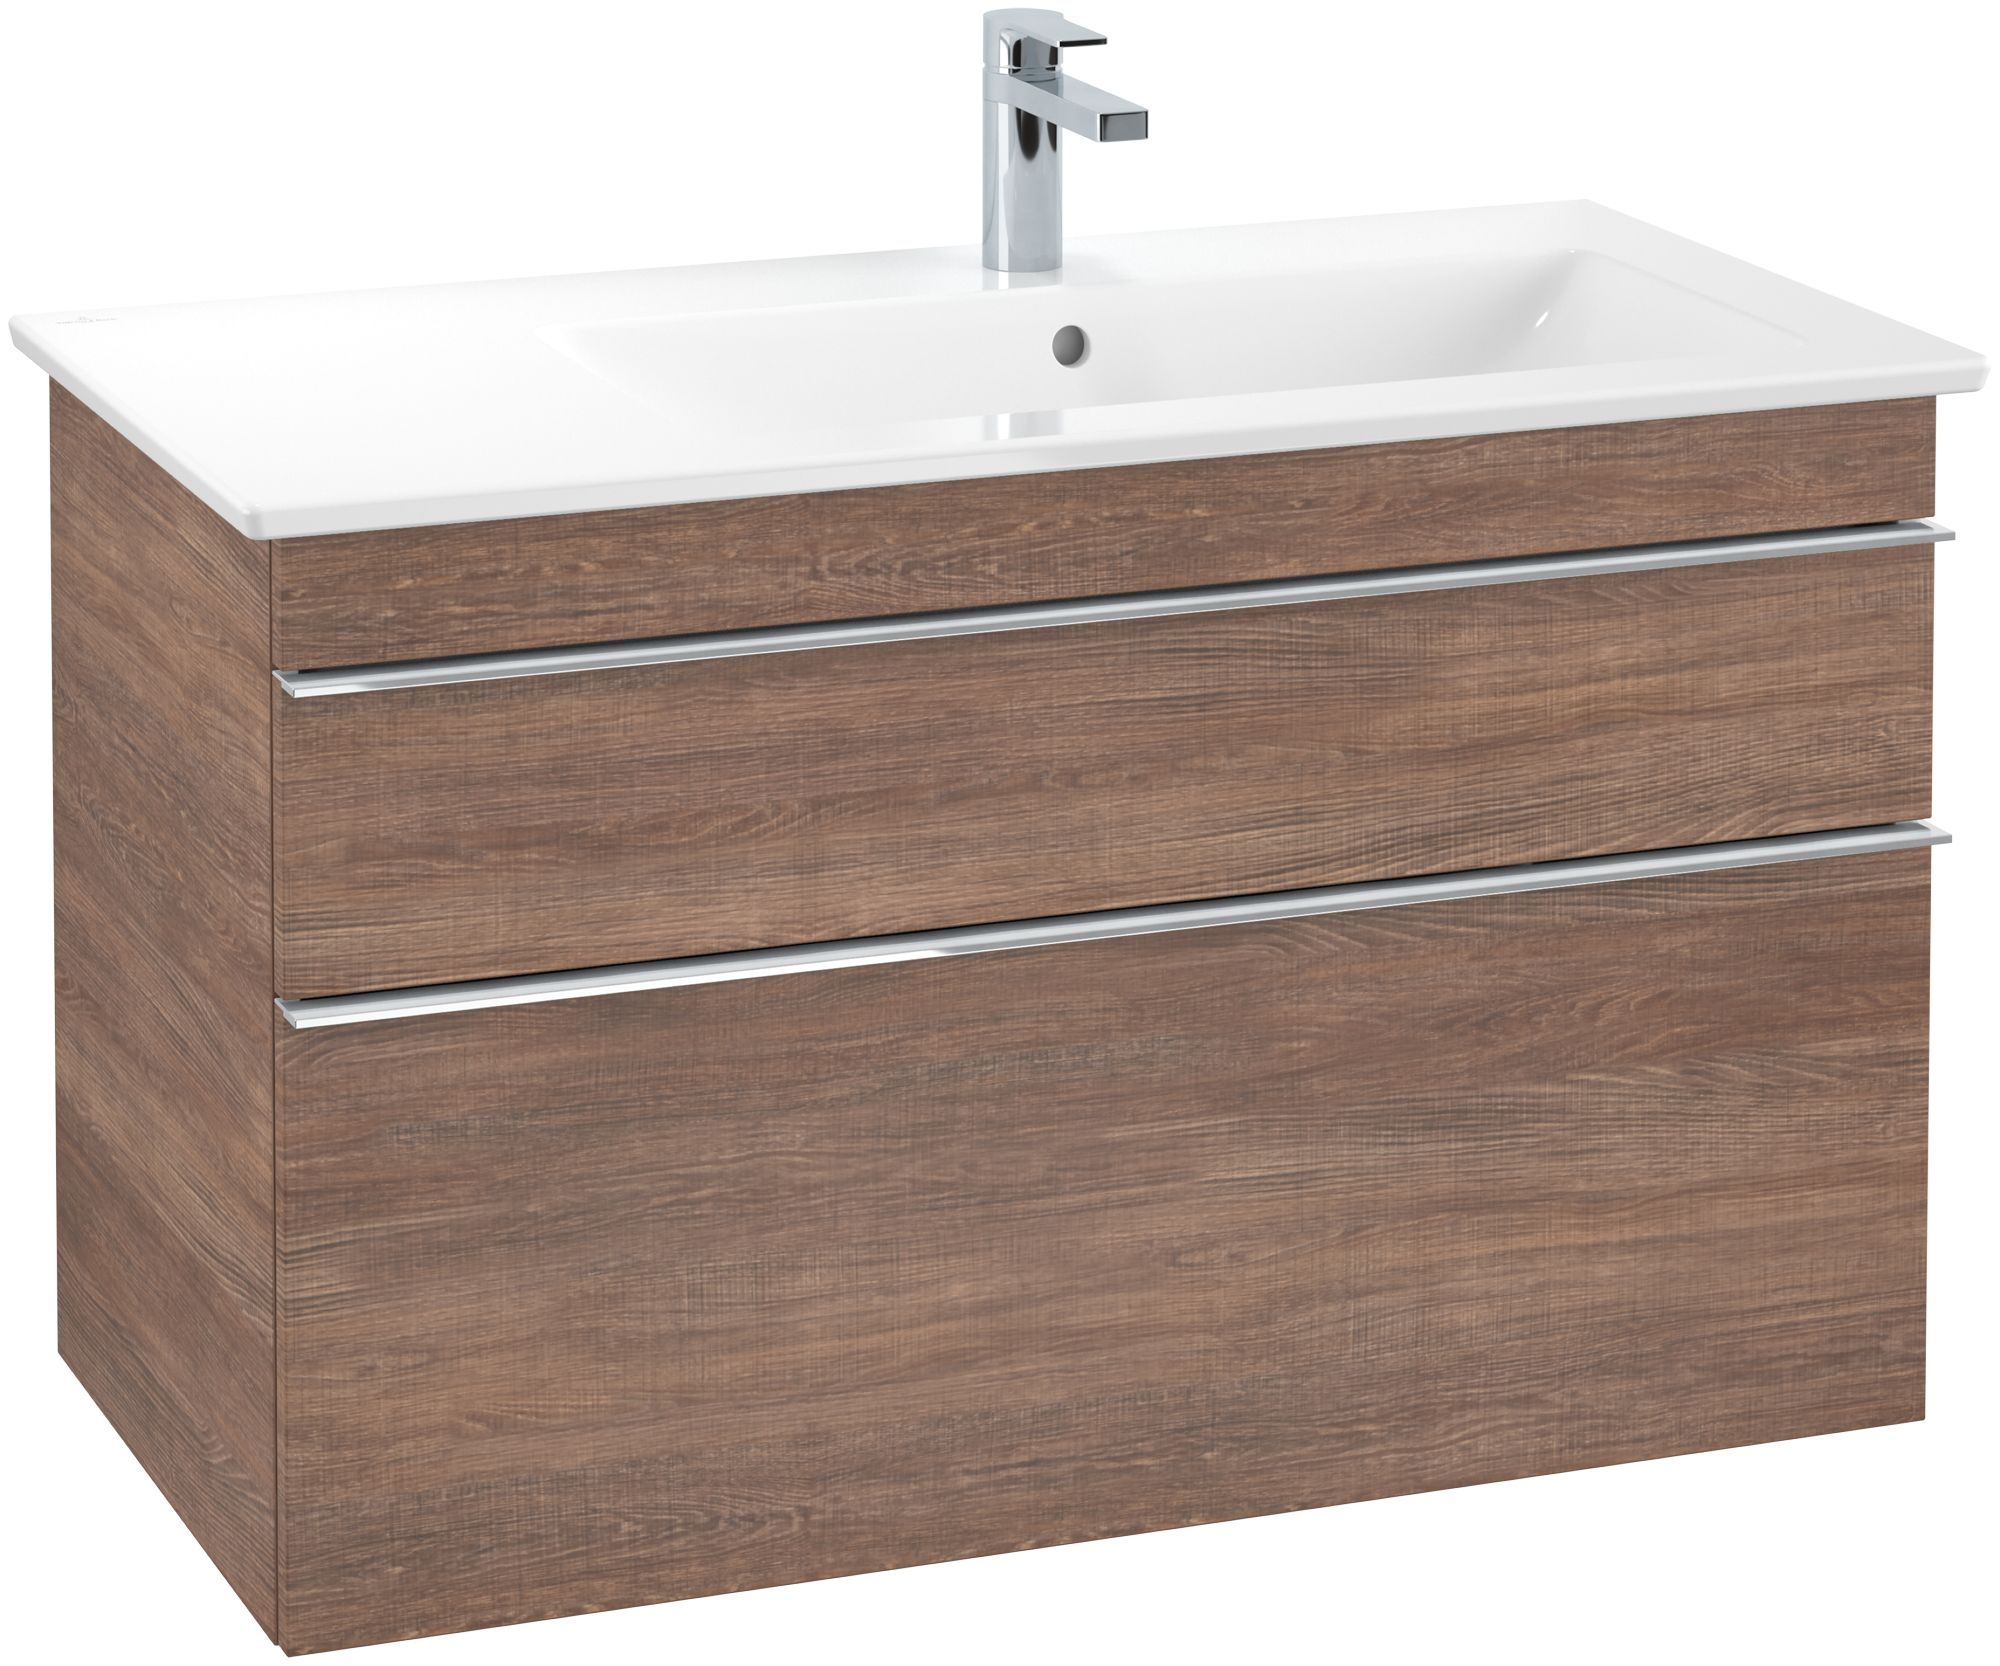 Villeroy & Boch Venticello Waschtischunterschrank 2 Auszüge B:953xT:502xH:590mm santana oak Griffe chrom A92801E1